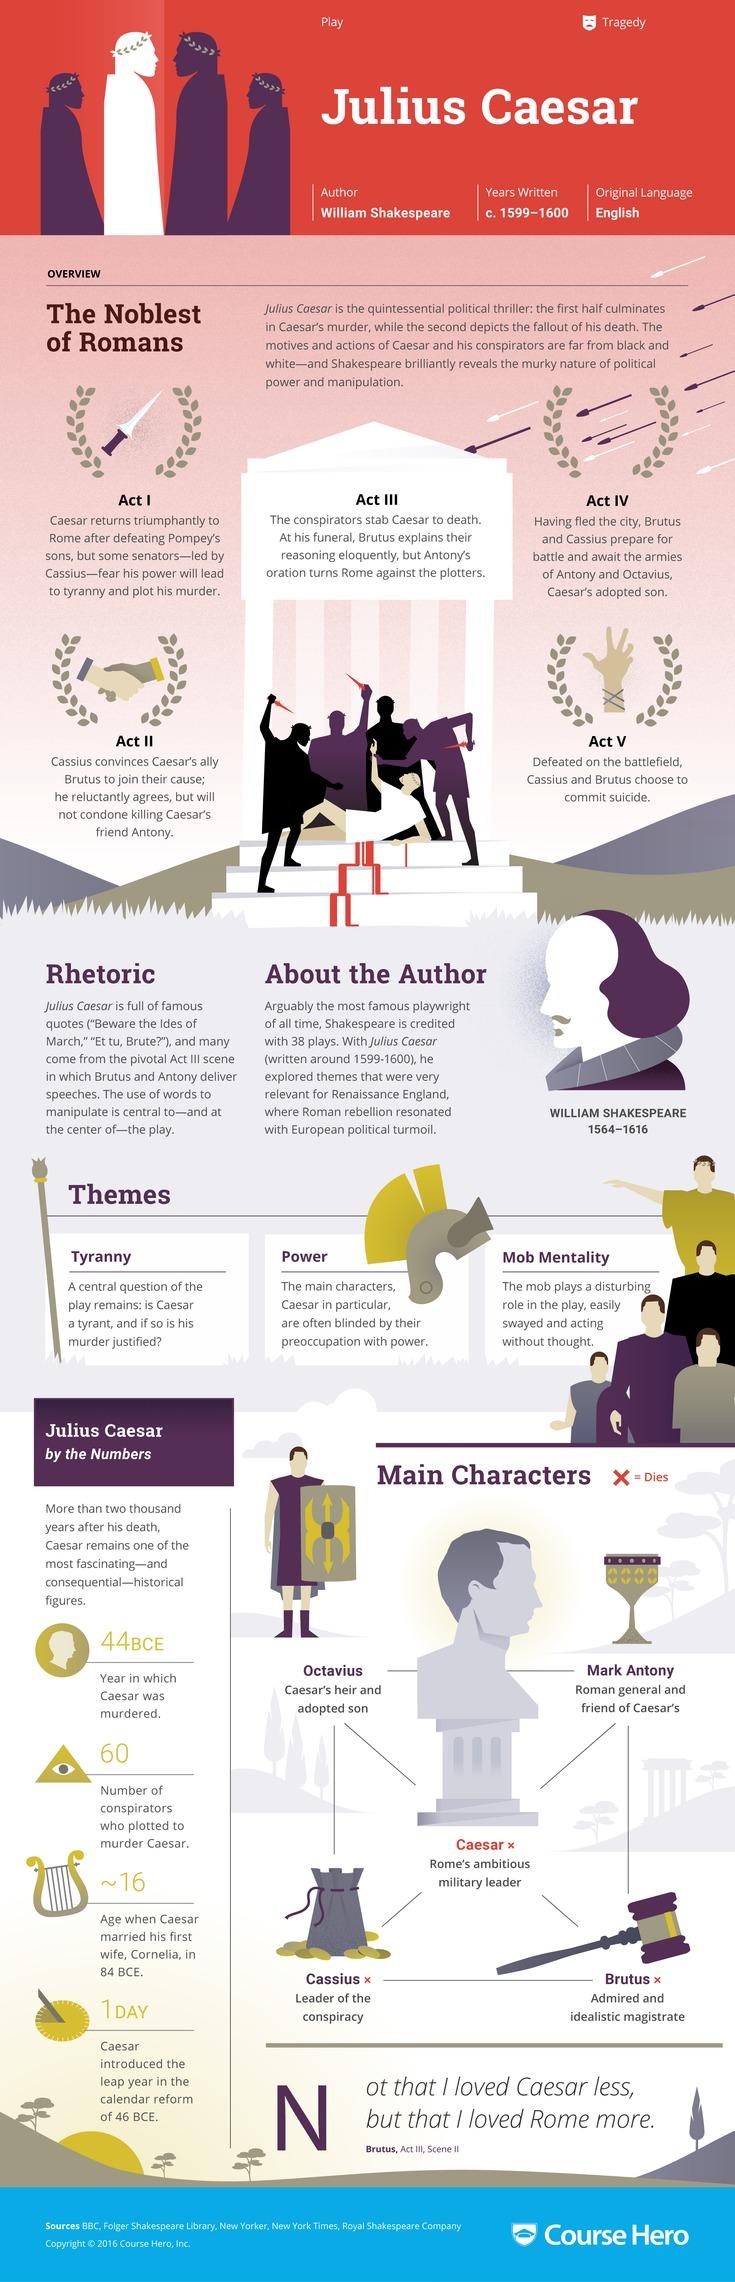 Julius Caesar Infographic Books in 2019 Teaching